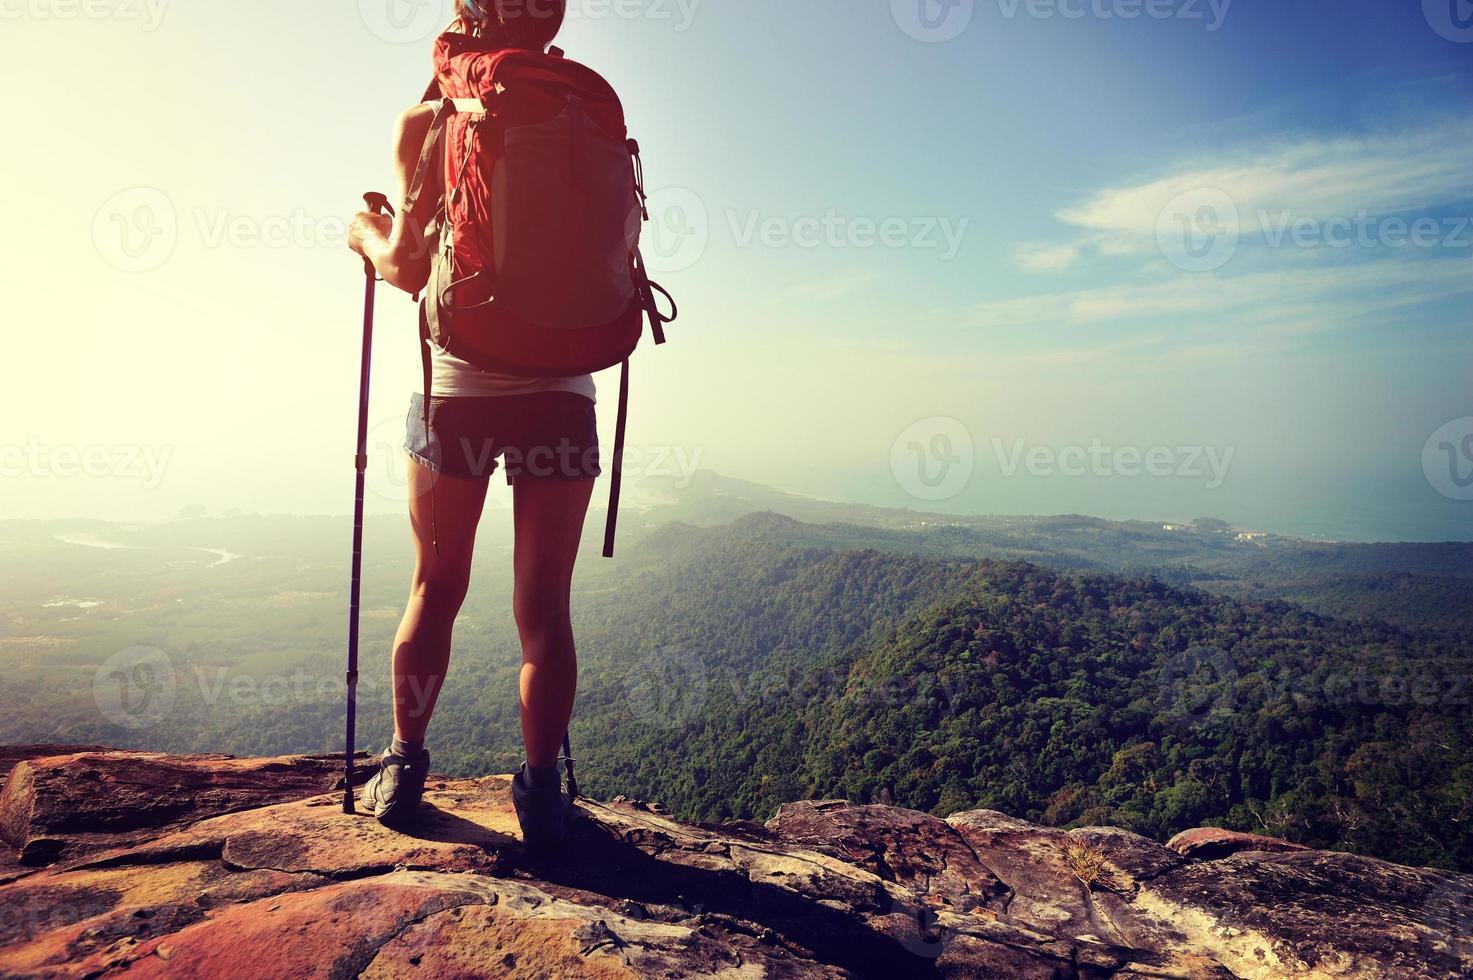 kvinnvandrare njuter av utsikten vid bergstoppsklippan foto